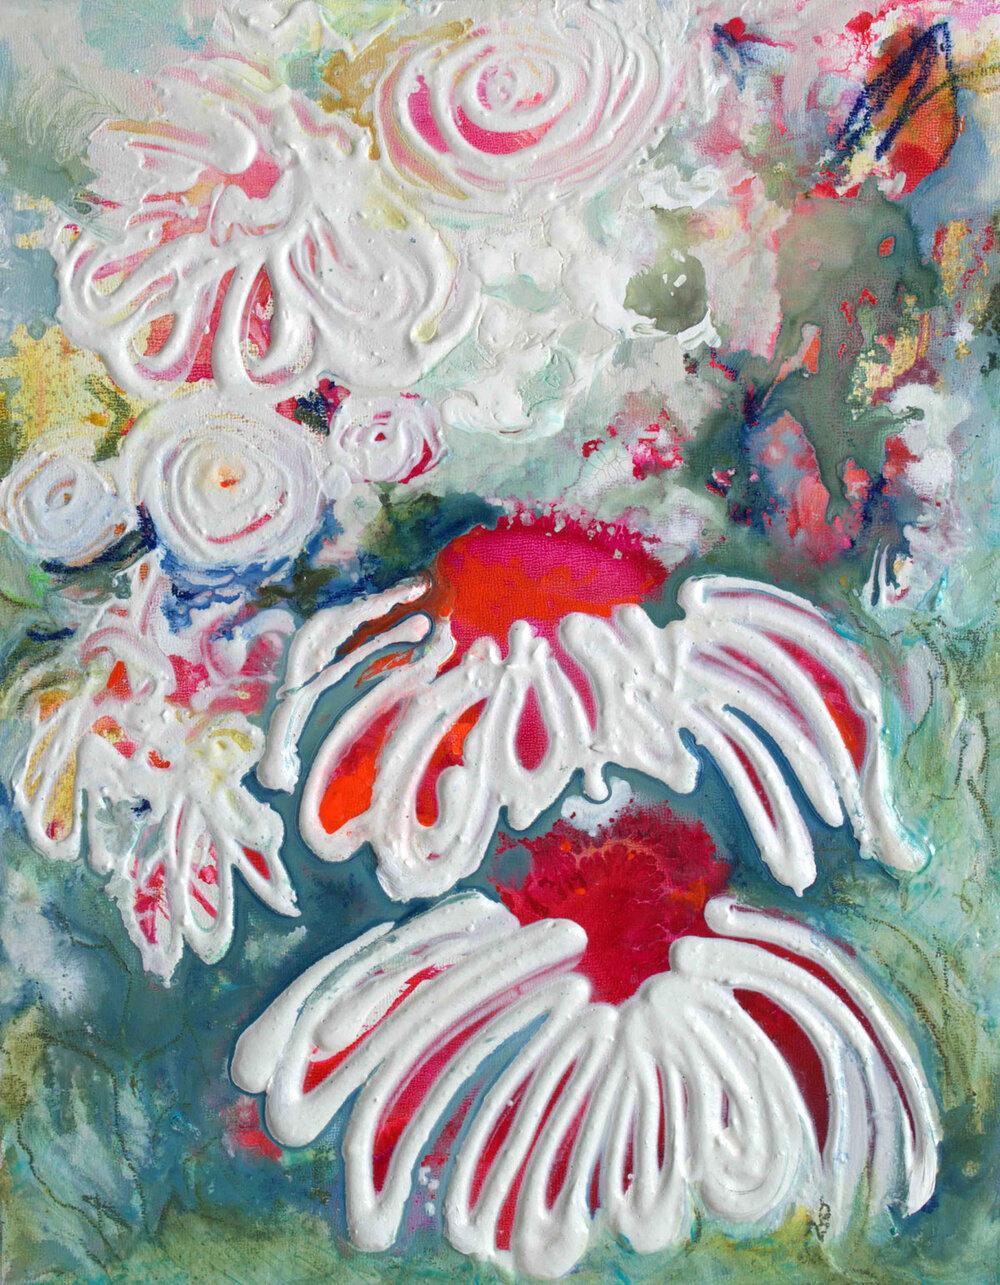 Vivacious Floral IX - 14 x 11